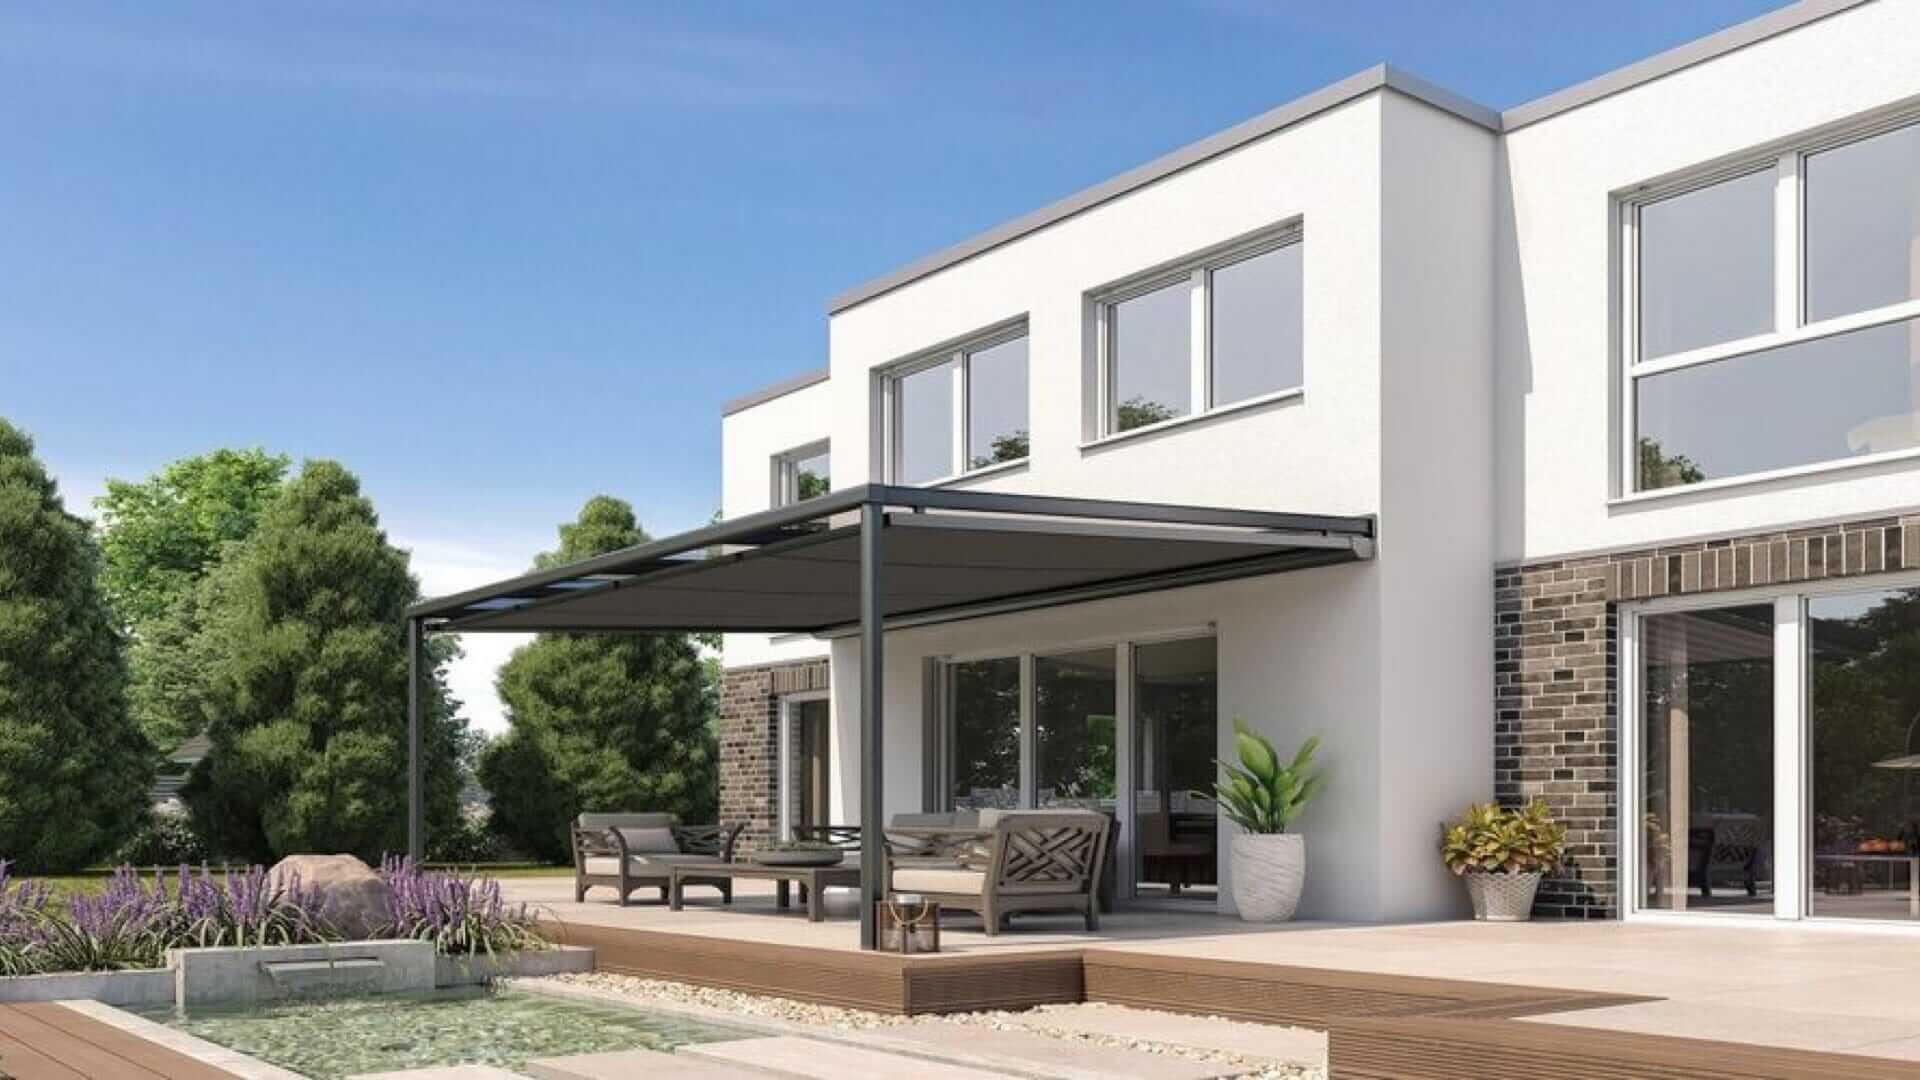 Sonnenschutz im Garten – Terrassenüberdachung im 5-Seen-Land